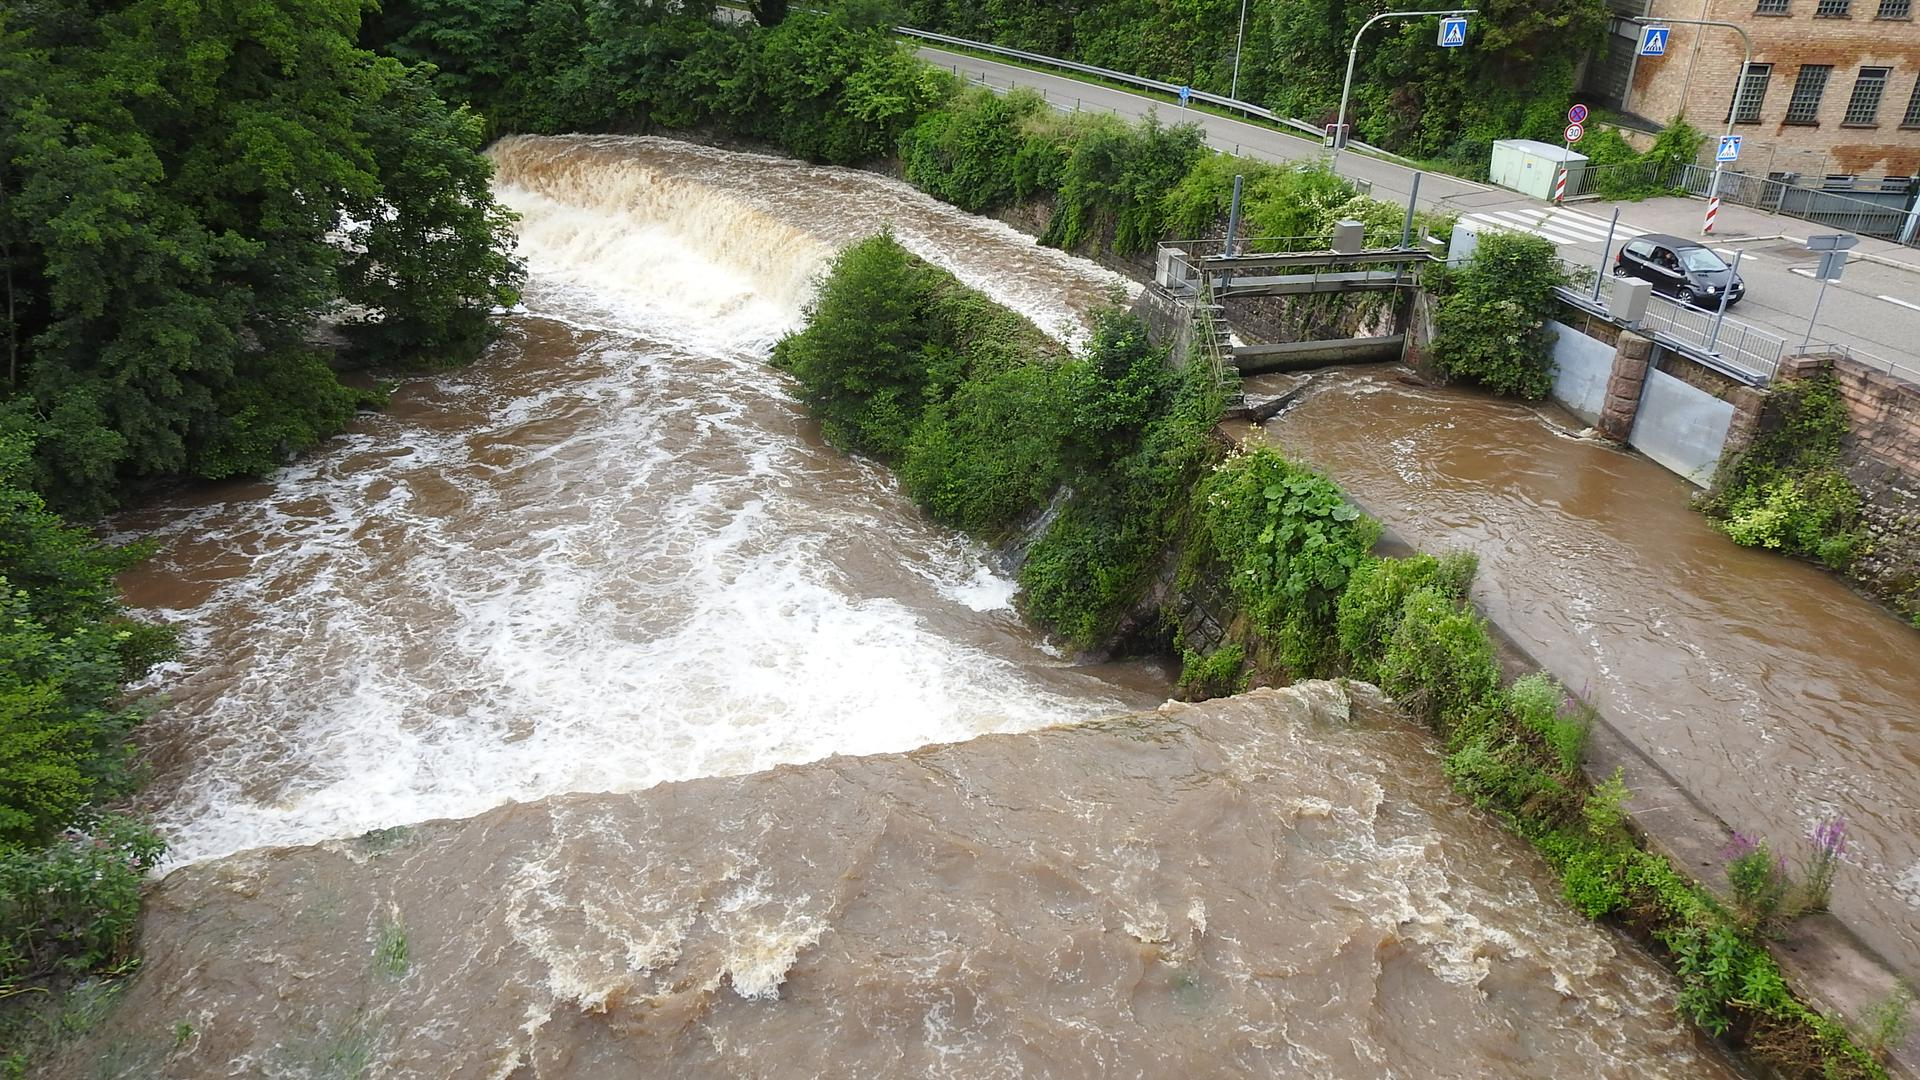 Deutlich mehr Wasser als sonst: Wegen der starken Regenfälle ist der Pegel der Pforzheimer Flüsse wie der Nagold gestiegen. Ein Problem ist das allerdings nicht, vor allem weil es in den nächsten Tagen wärmer und trockener werden soll.